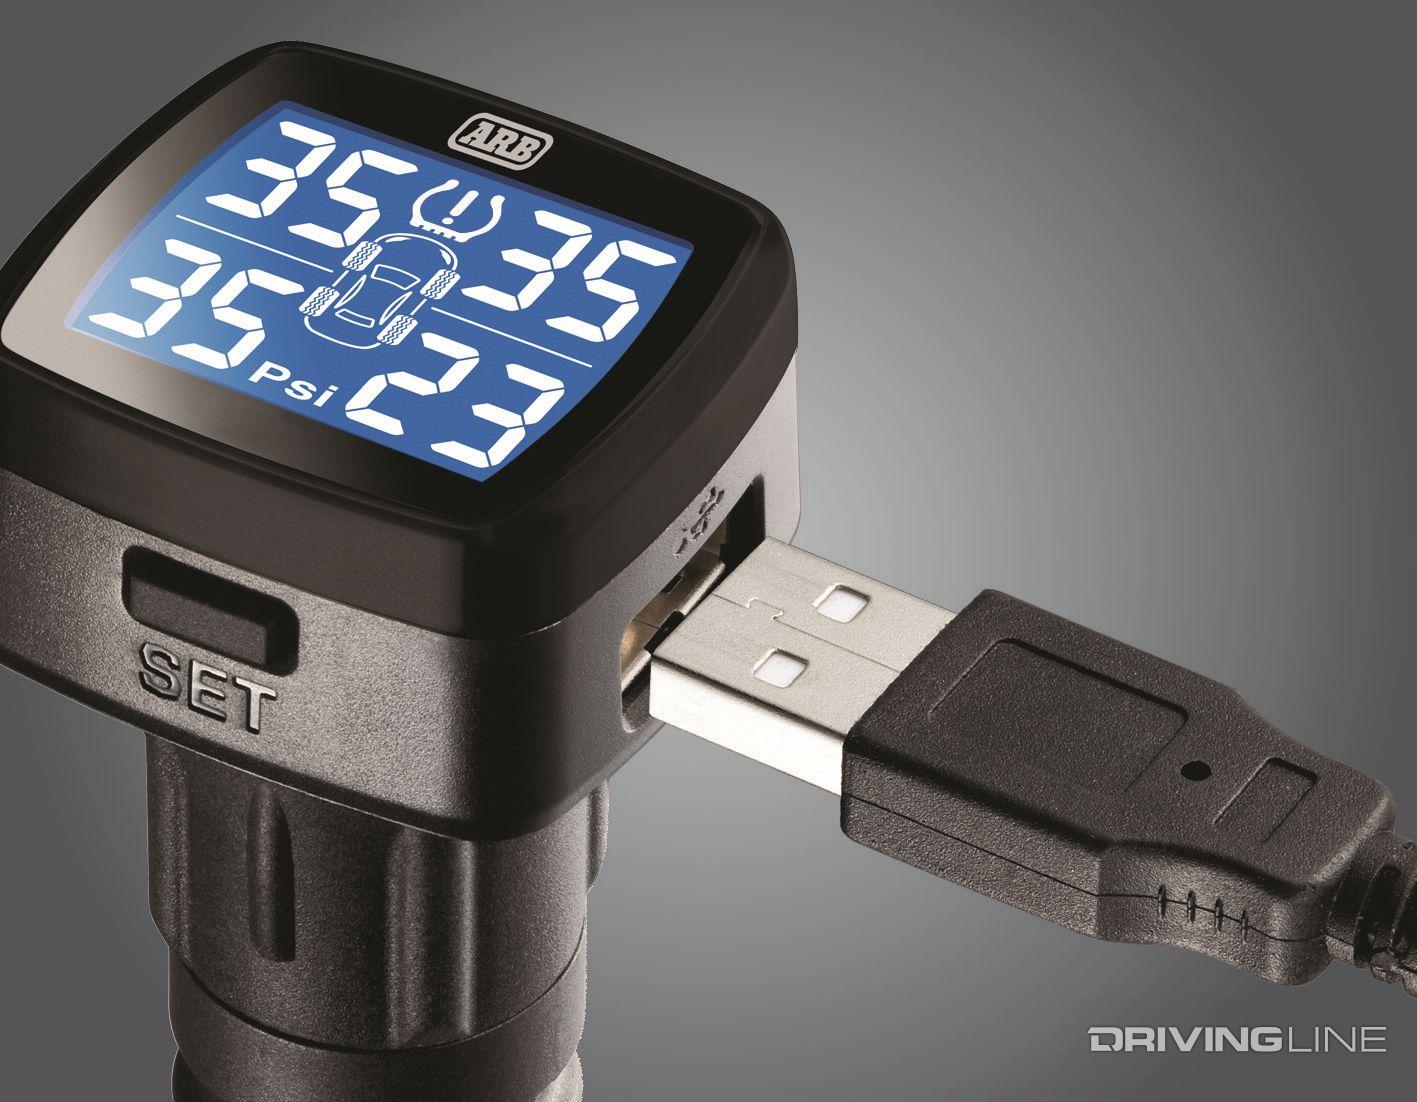 aftermarket tire pressure monitoring system drivingline. Black Bedroom Furniture Sets. Home Design Ideas